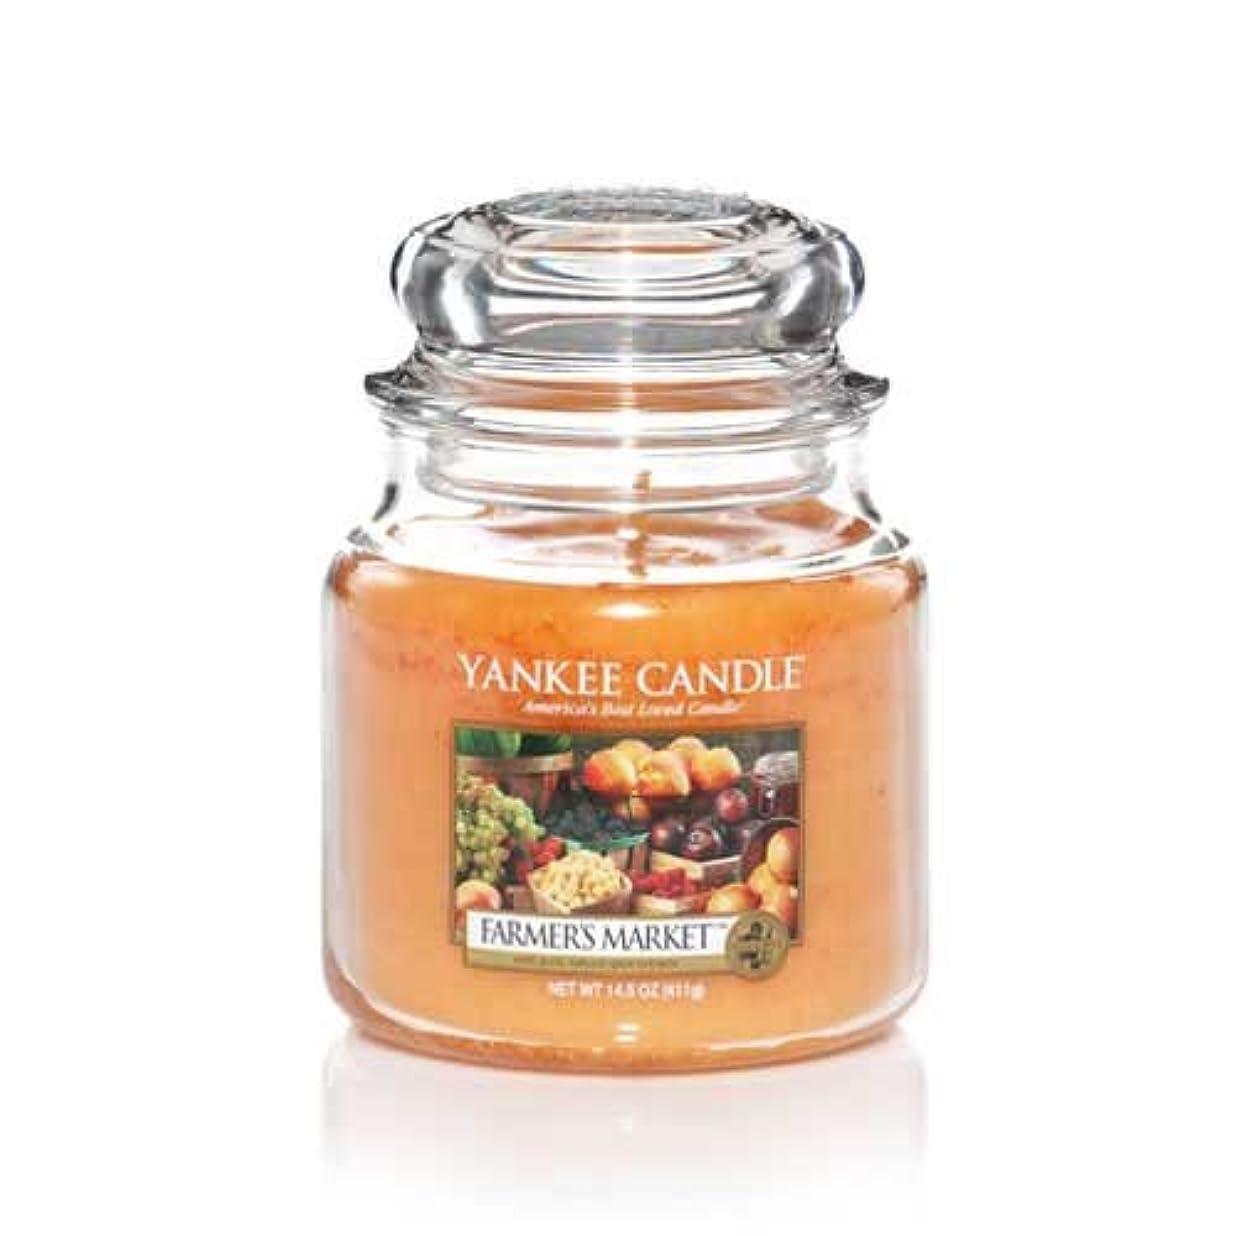 離婚クレデンシャル気体のYankee Candle Farmer 's Market Medium Jar Candle, Food & Spice香り